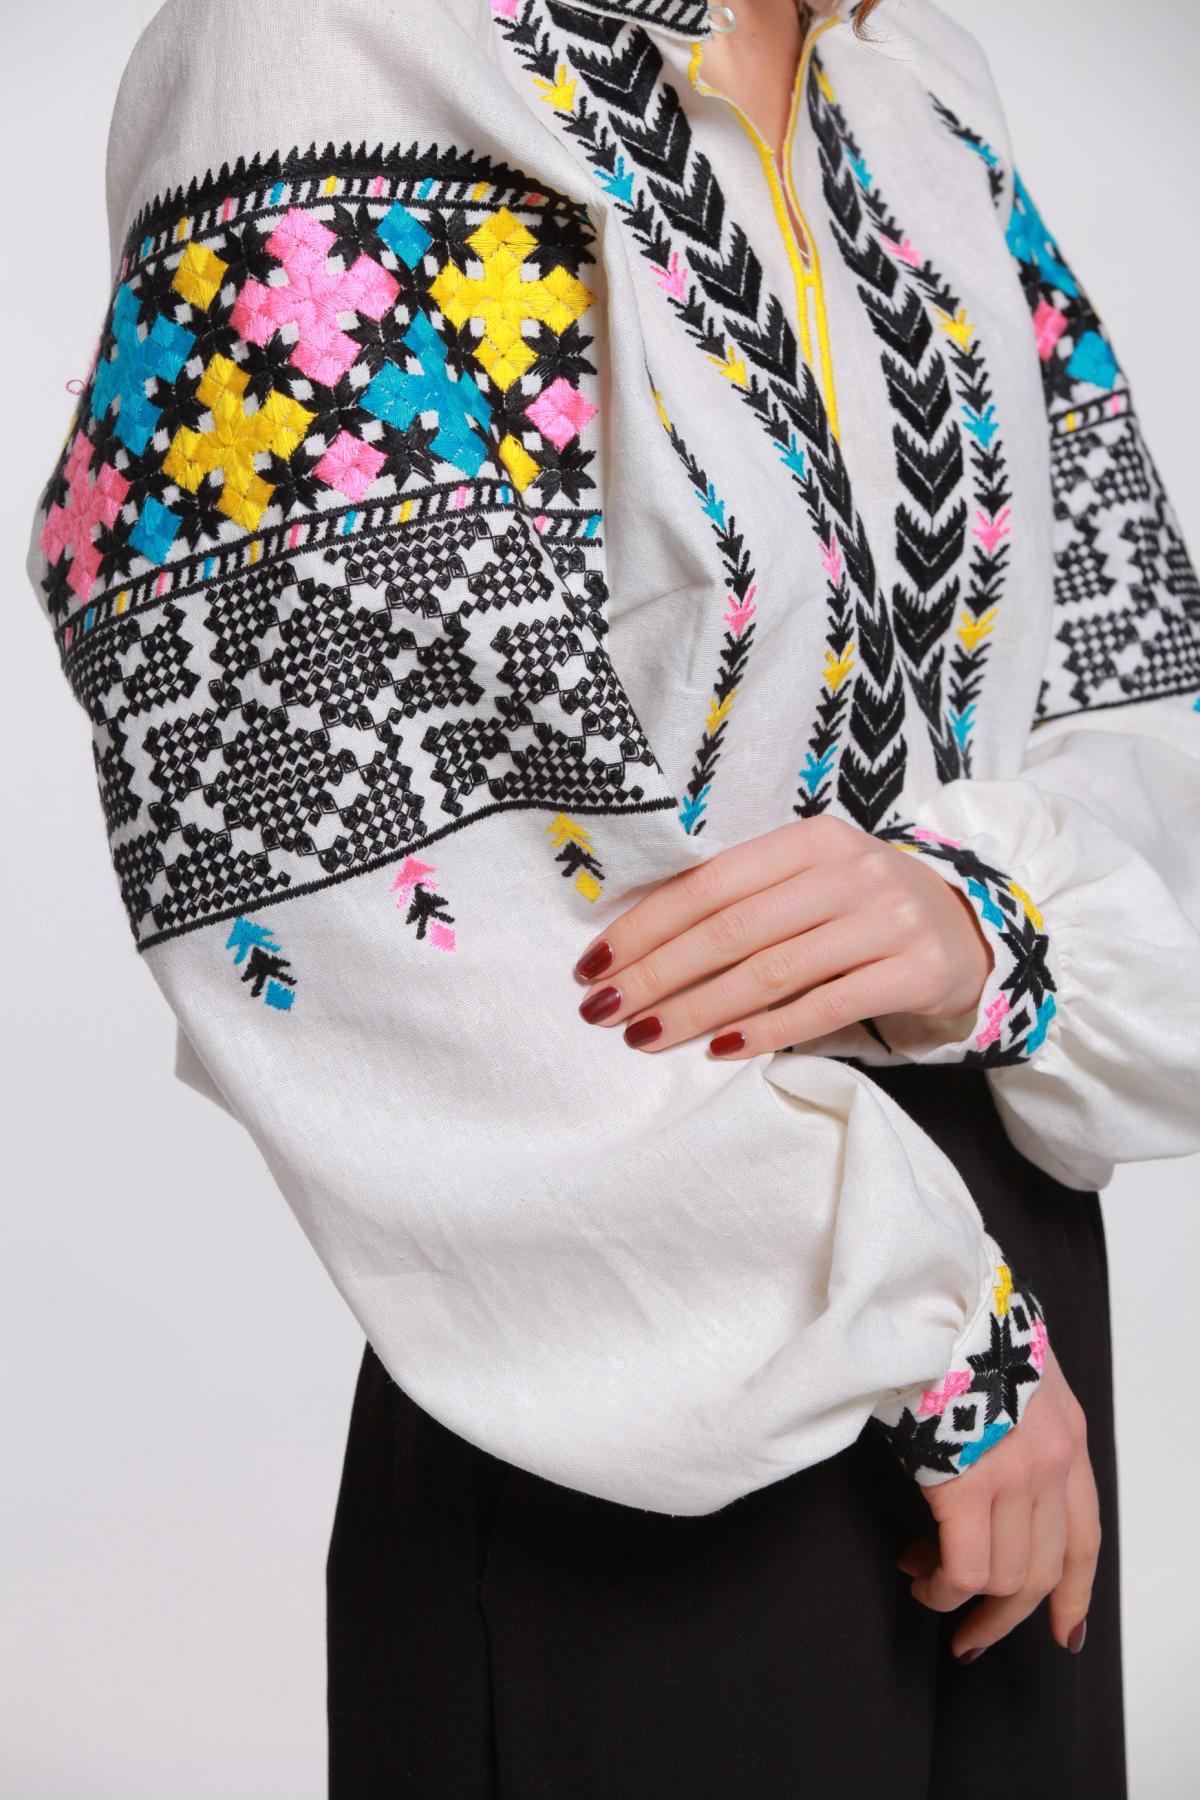 Біла лляна вишиванка з Подільскою вишивкою. Фото №4.   Народний дім Україна